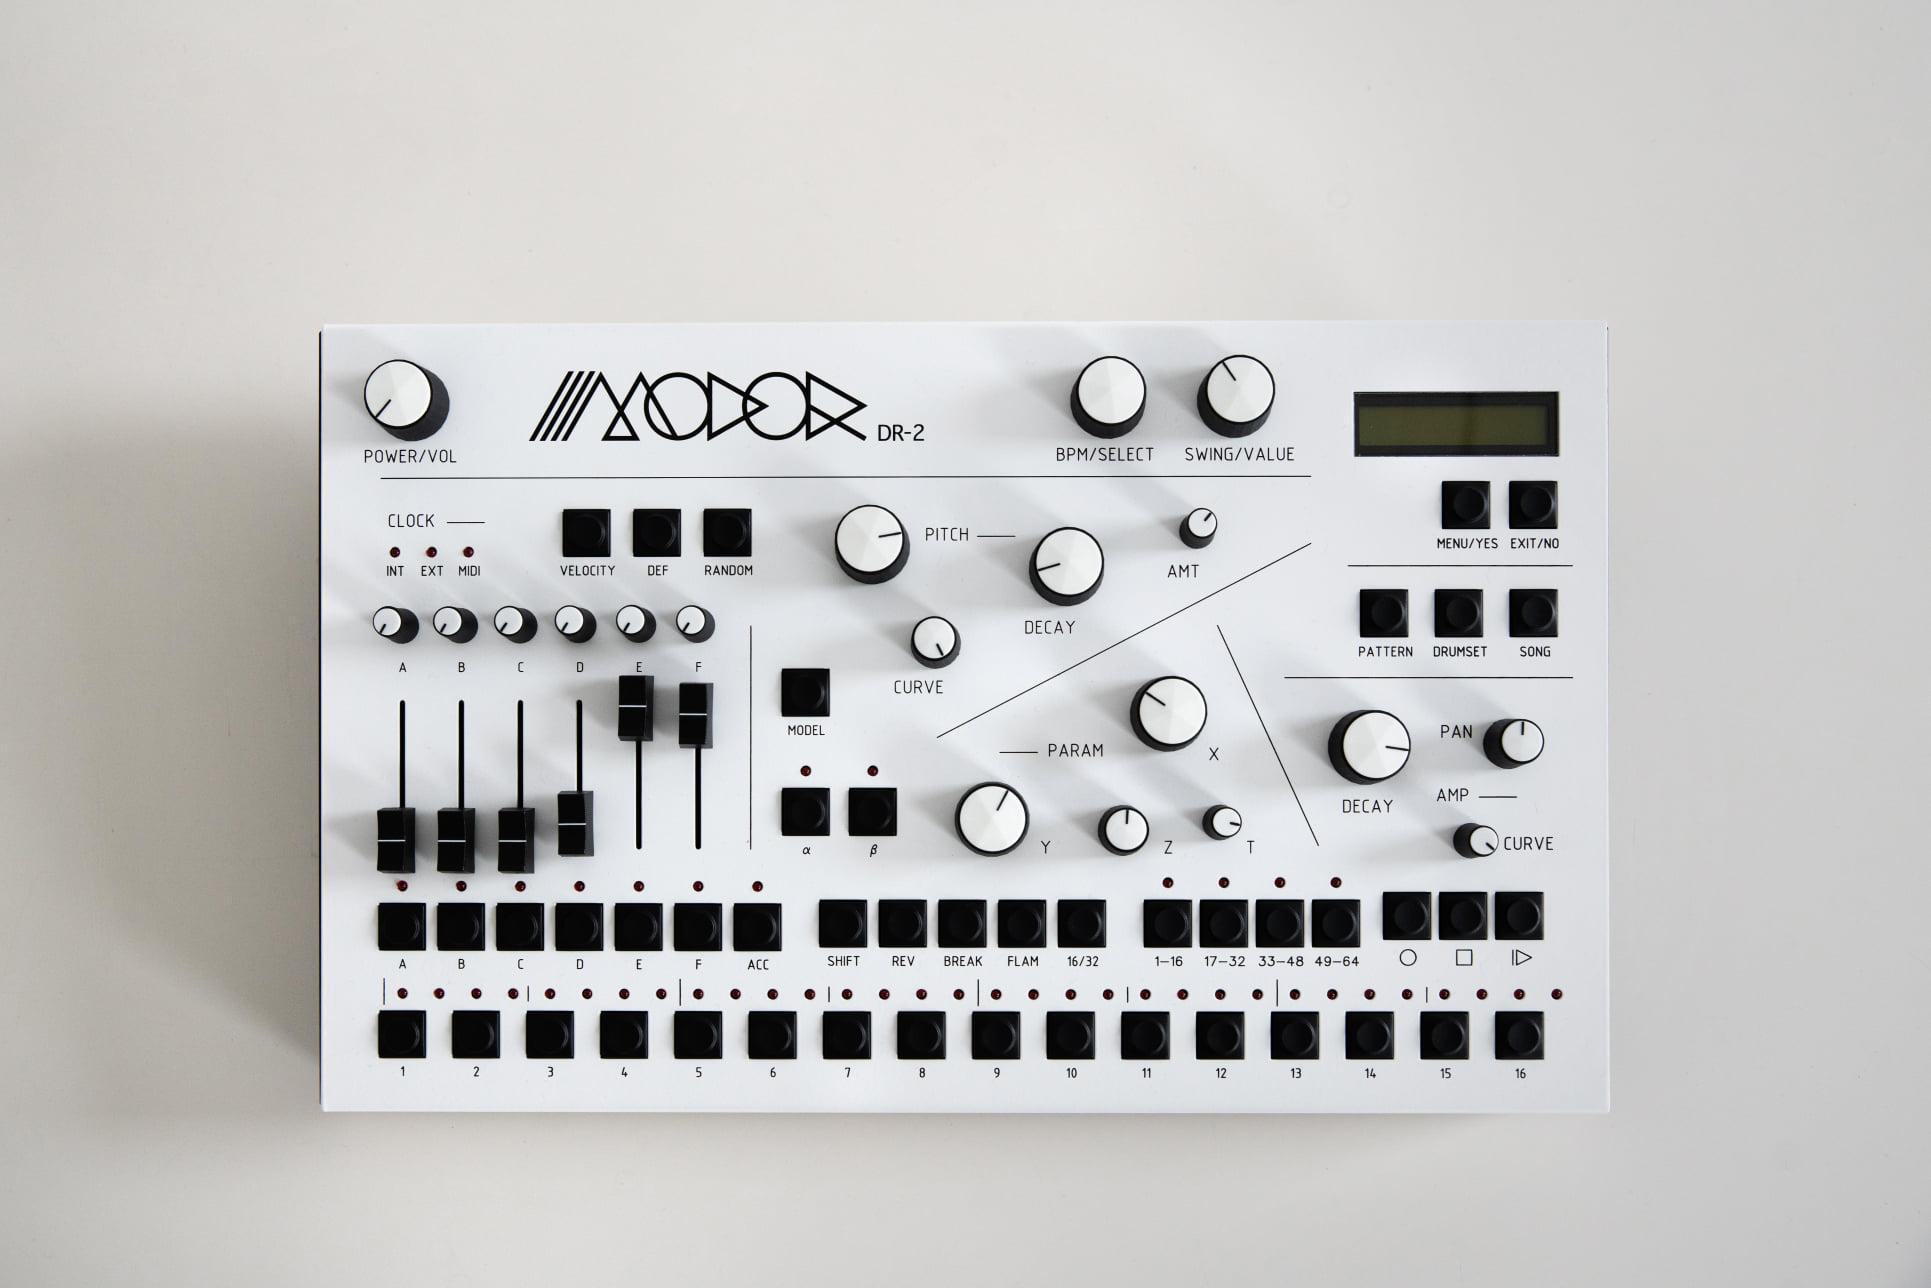 Modor-DR-2